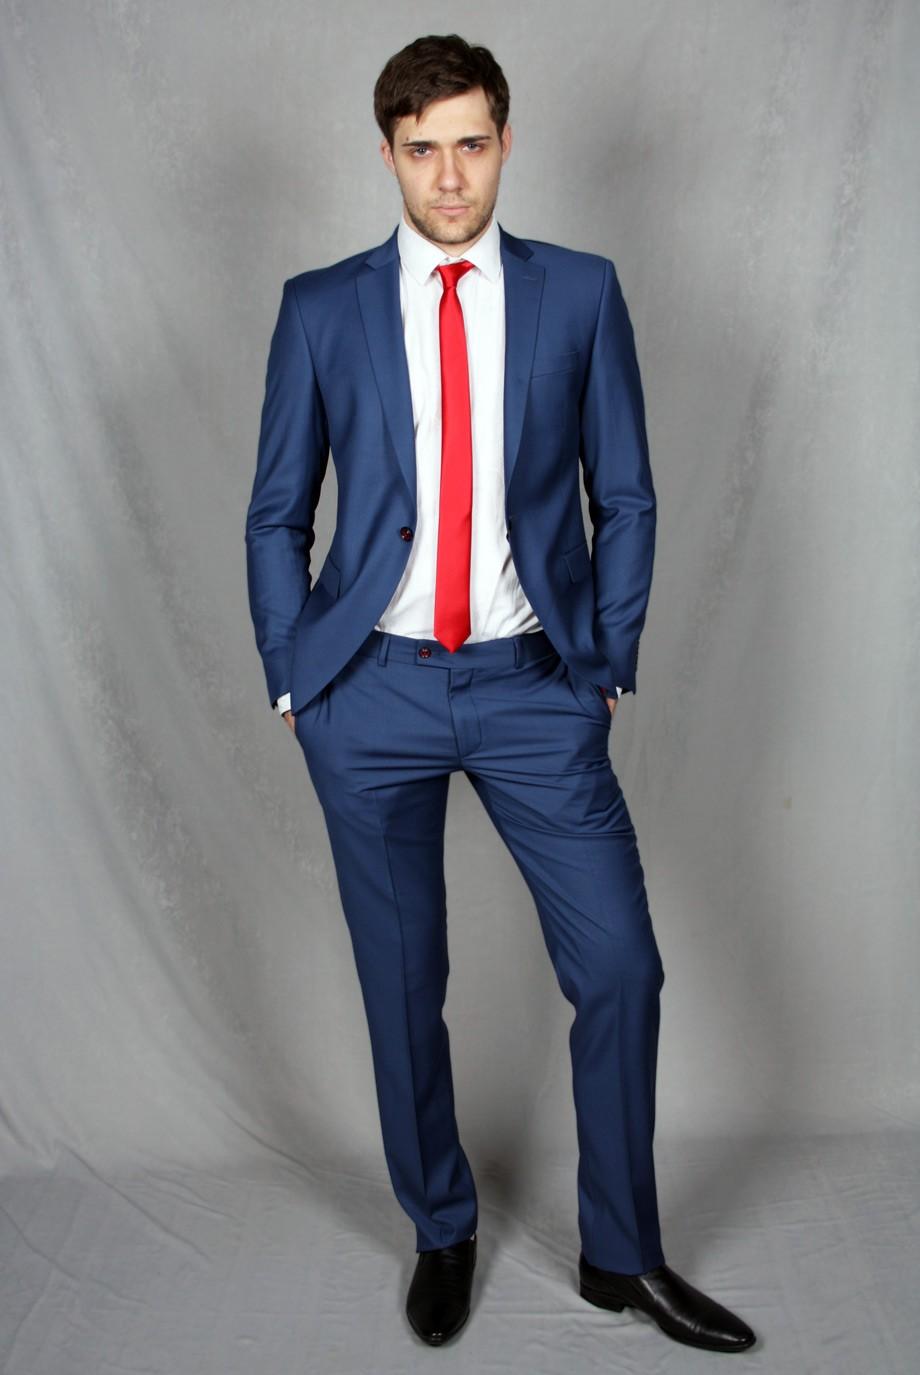 брючный костюм синий с красным галстуком